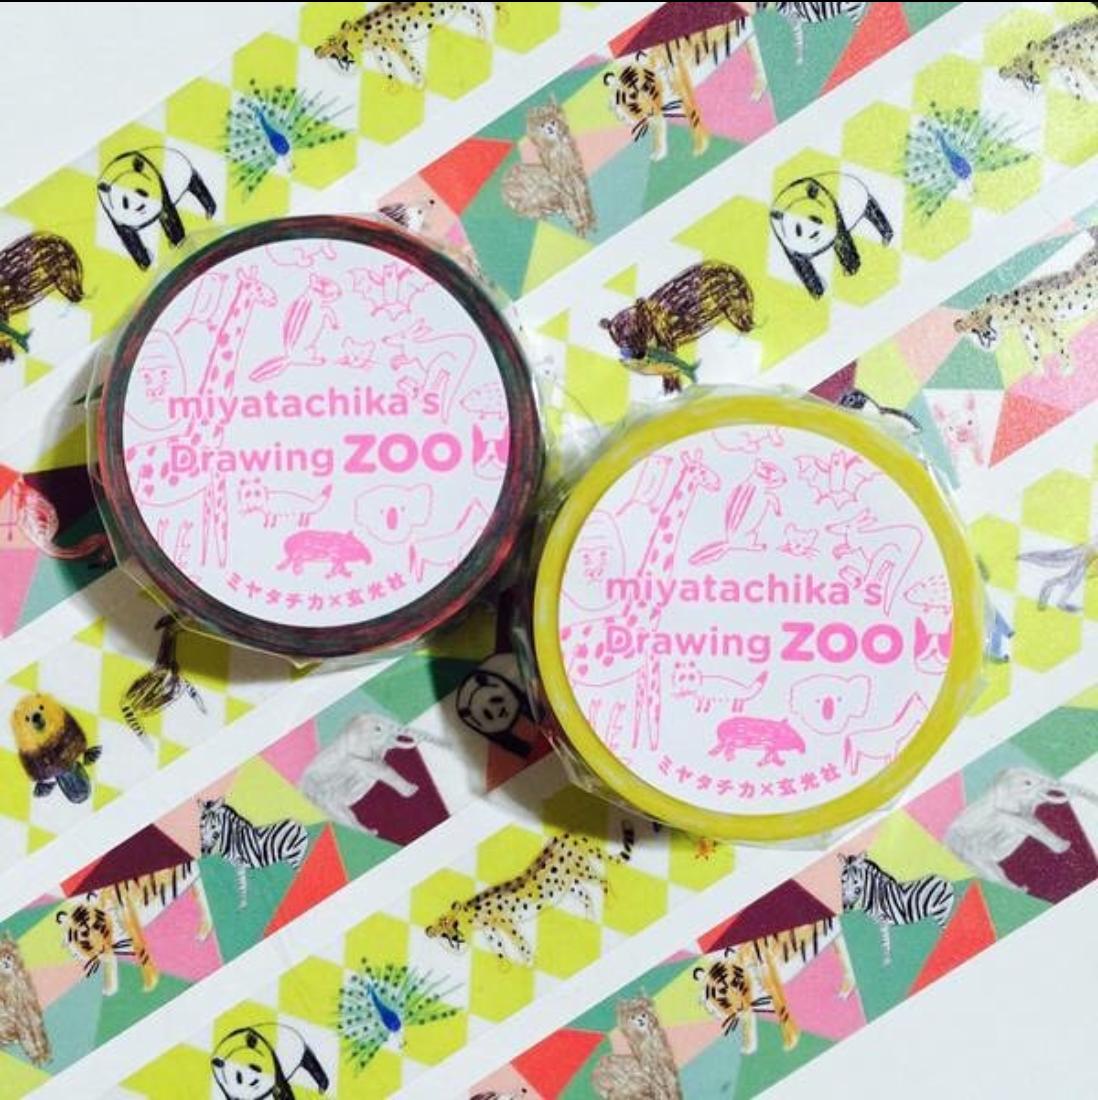 miyatachika drawing ZOO masking tape